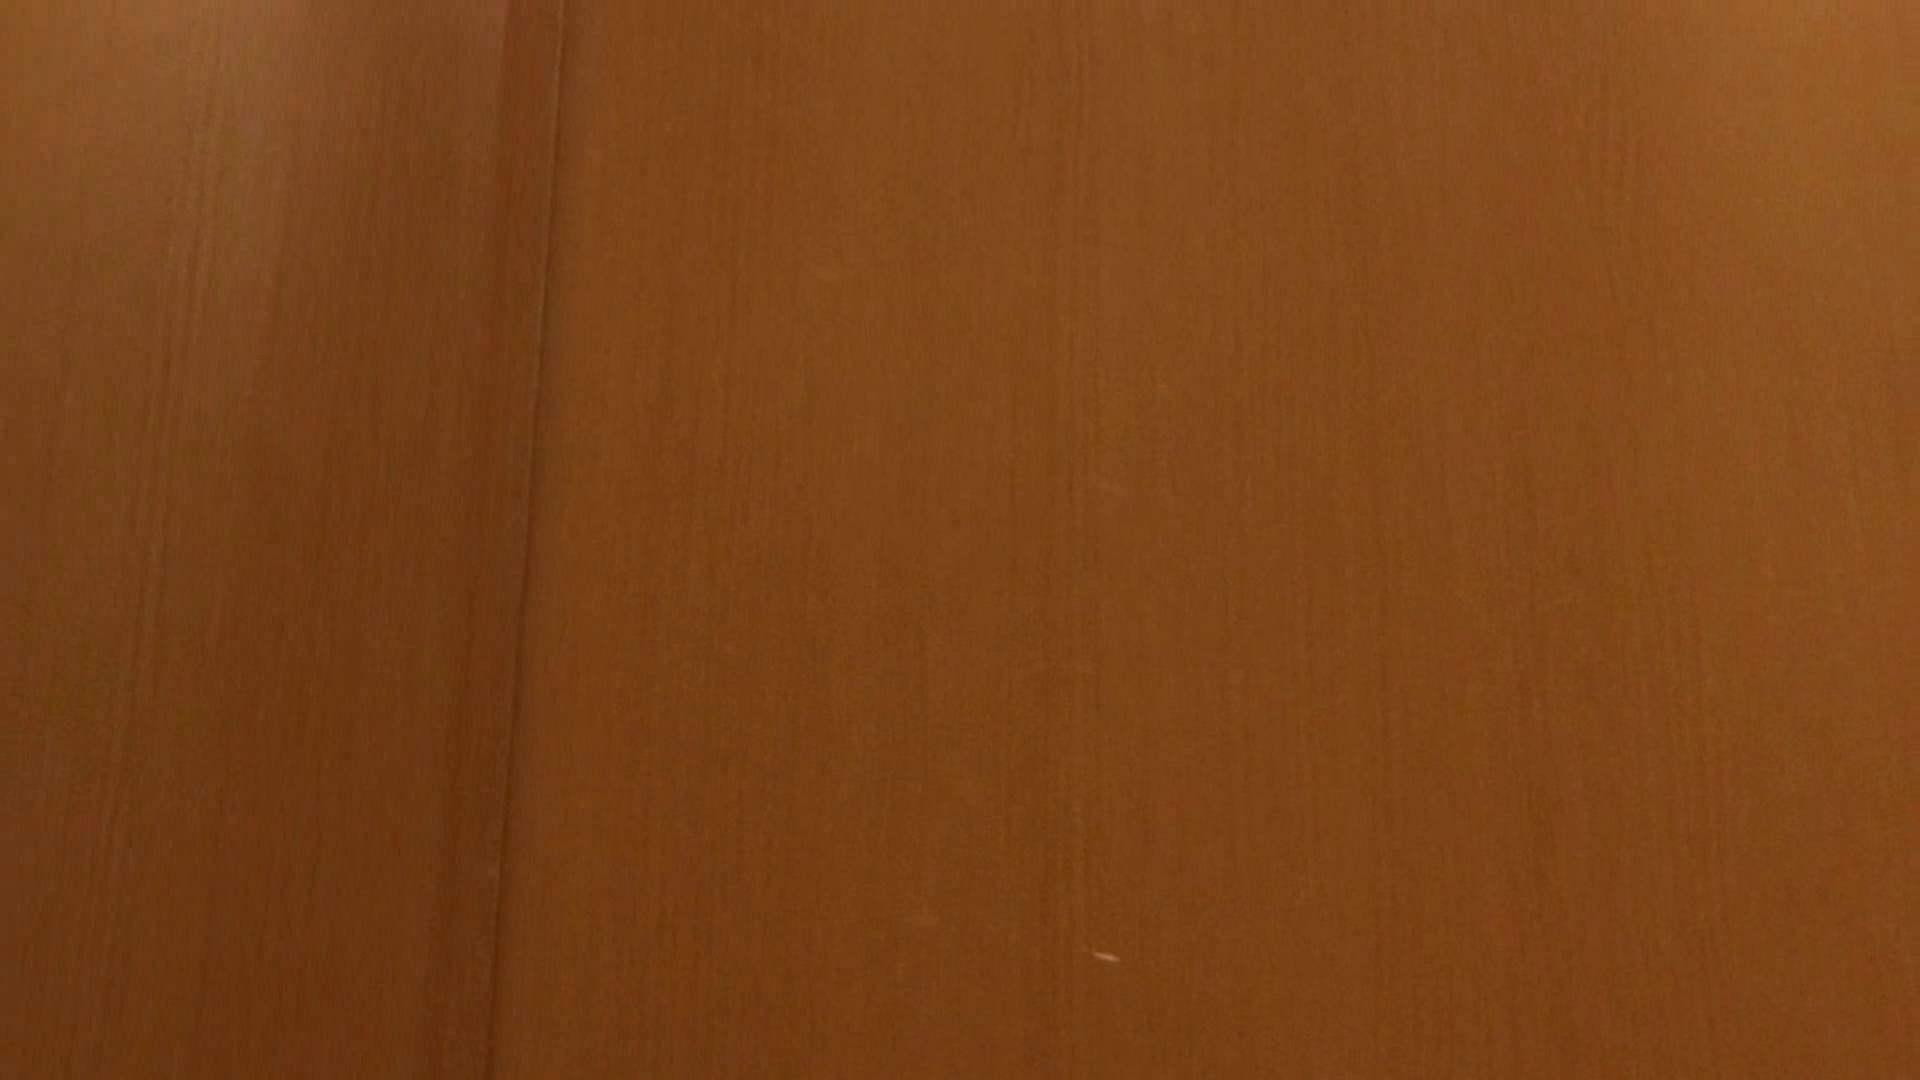 「噂」の国の厠観察日記2 Vol.06 人気シリーズ  9枚 4